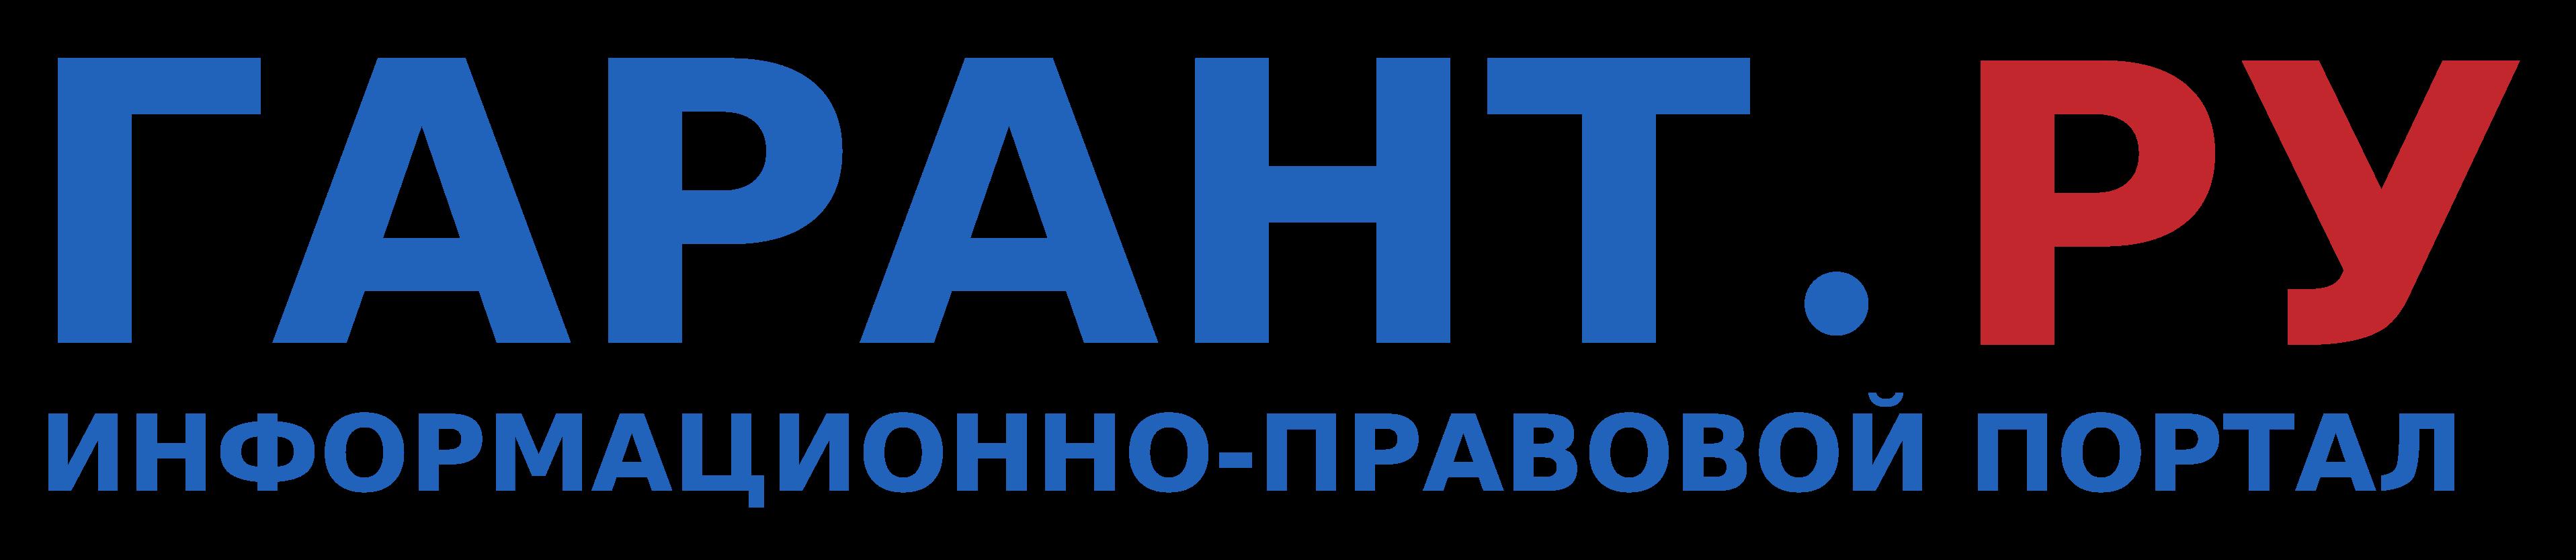 Что такое постановление об административном правонарушении и когда оно выносится? - правовед.ru